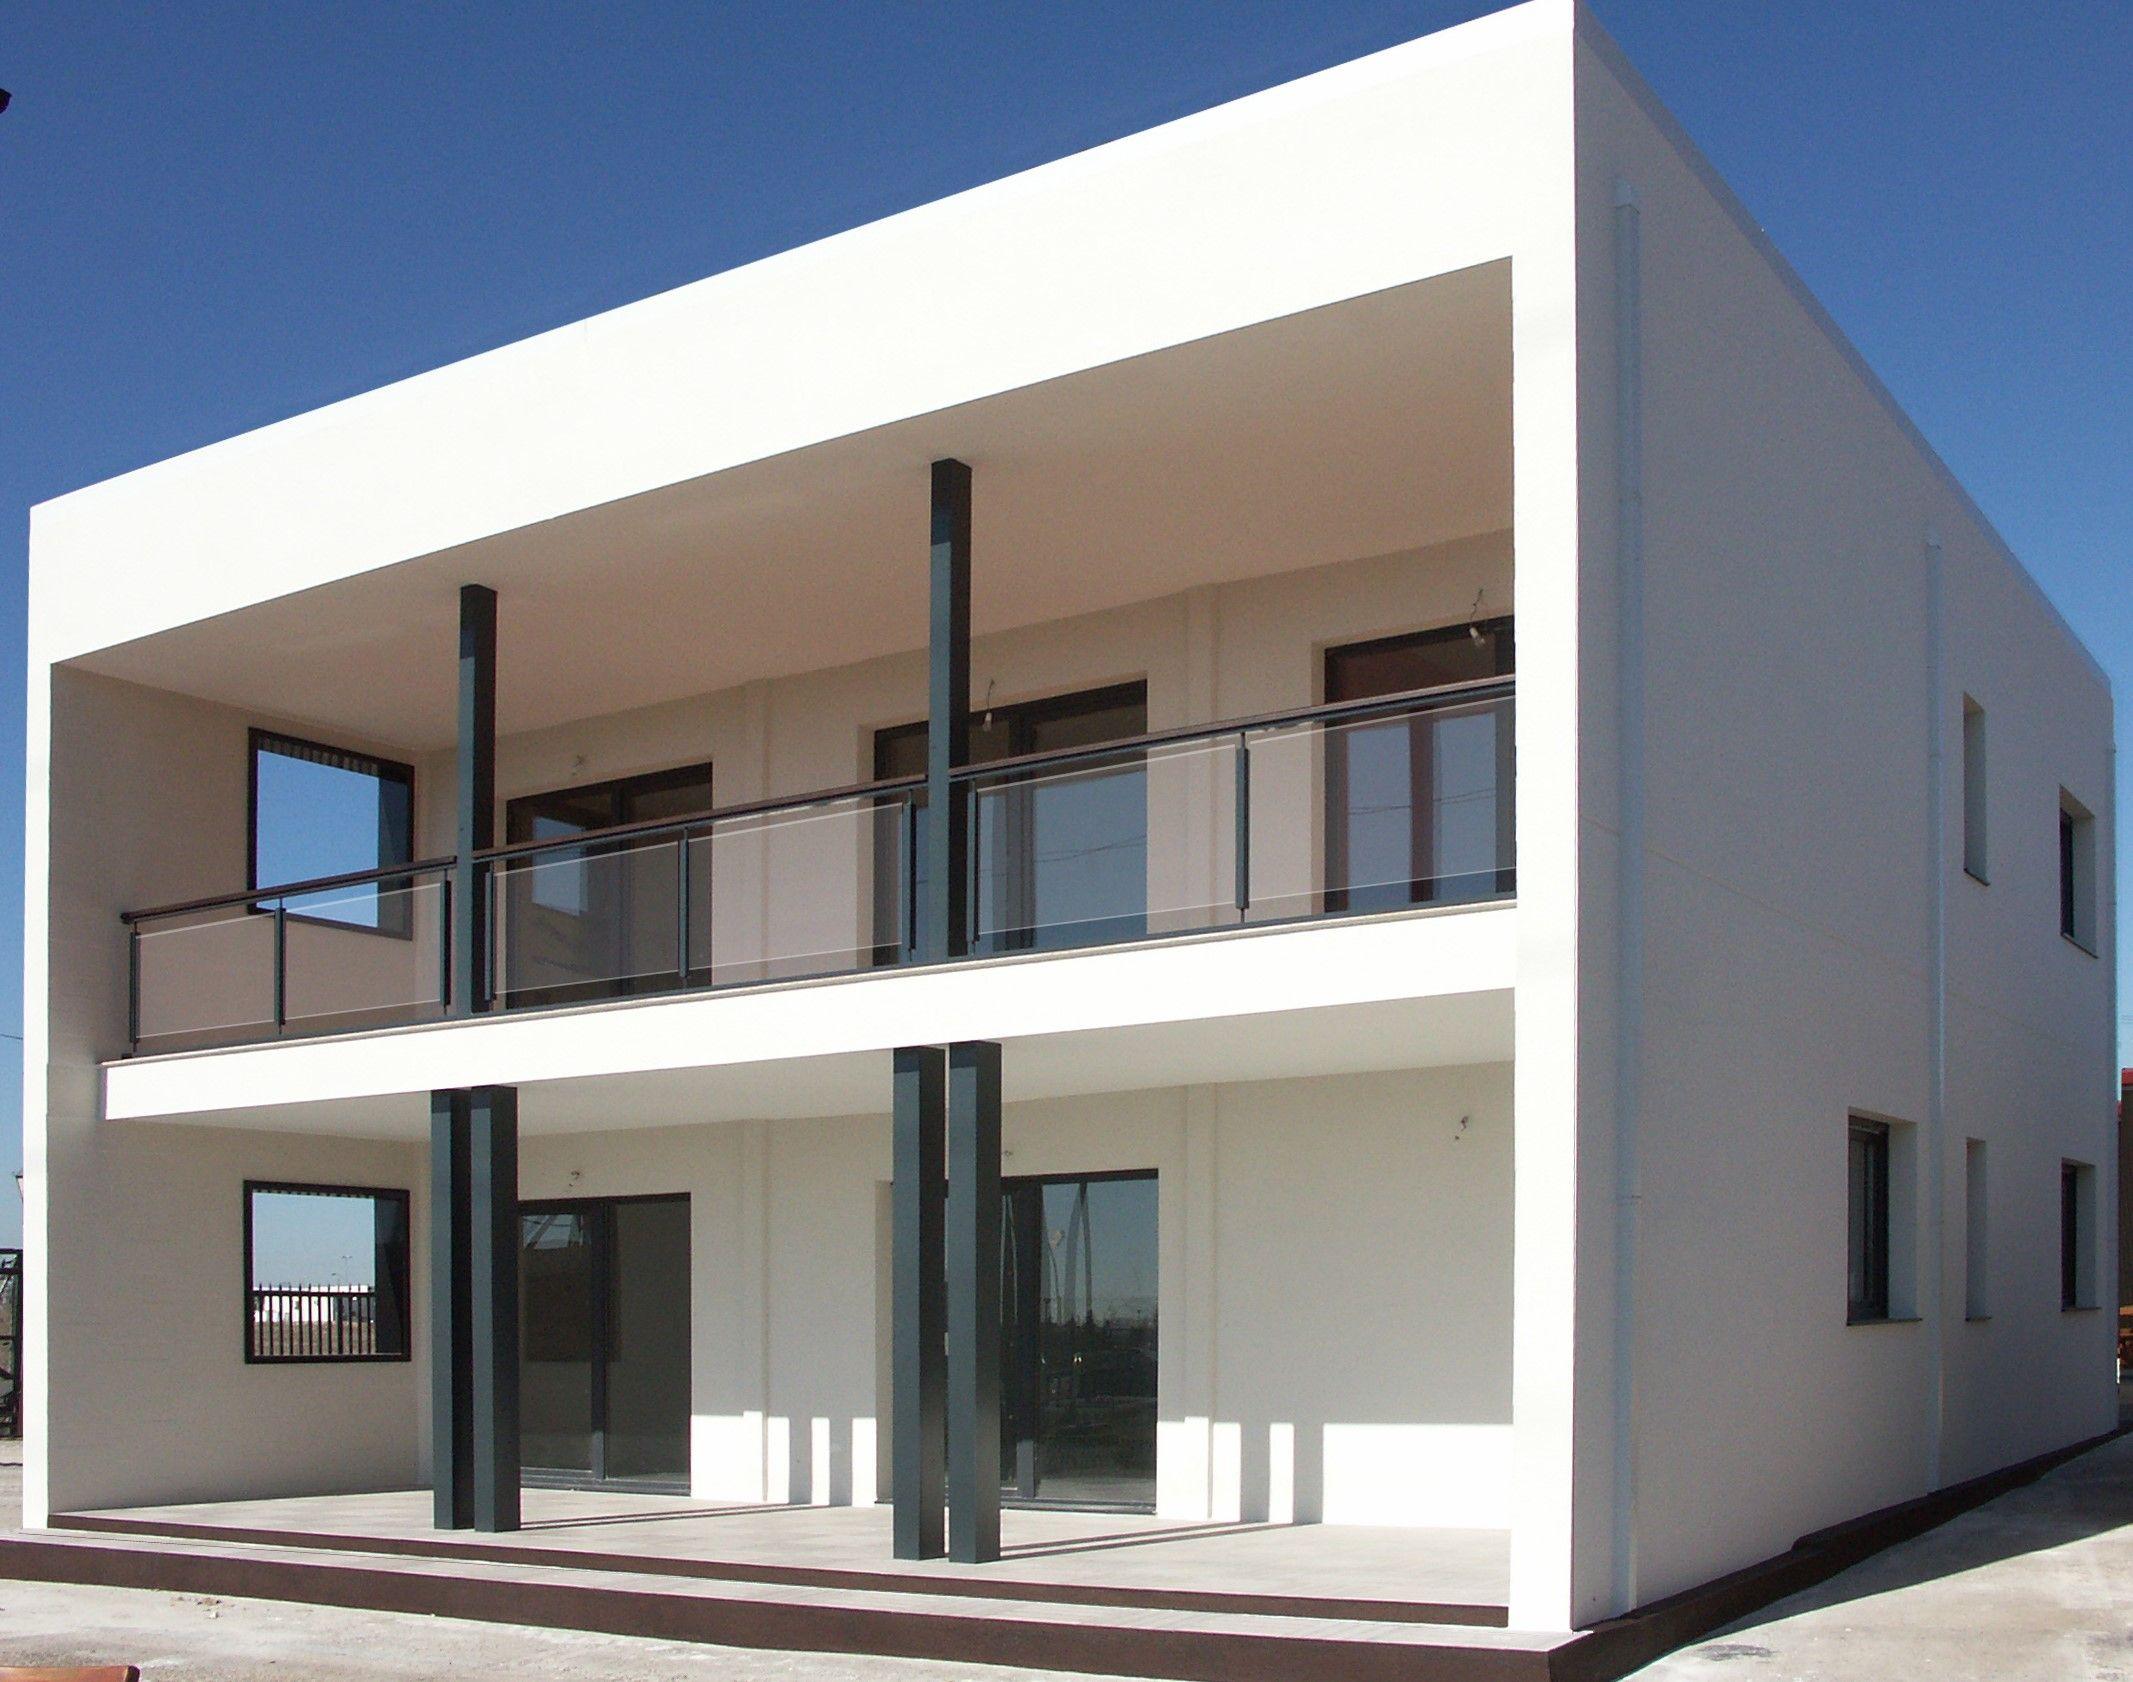 Casa prefabricada de acero y hormigon cubica estilo - Casas modulares de hormigon ...